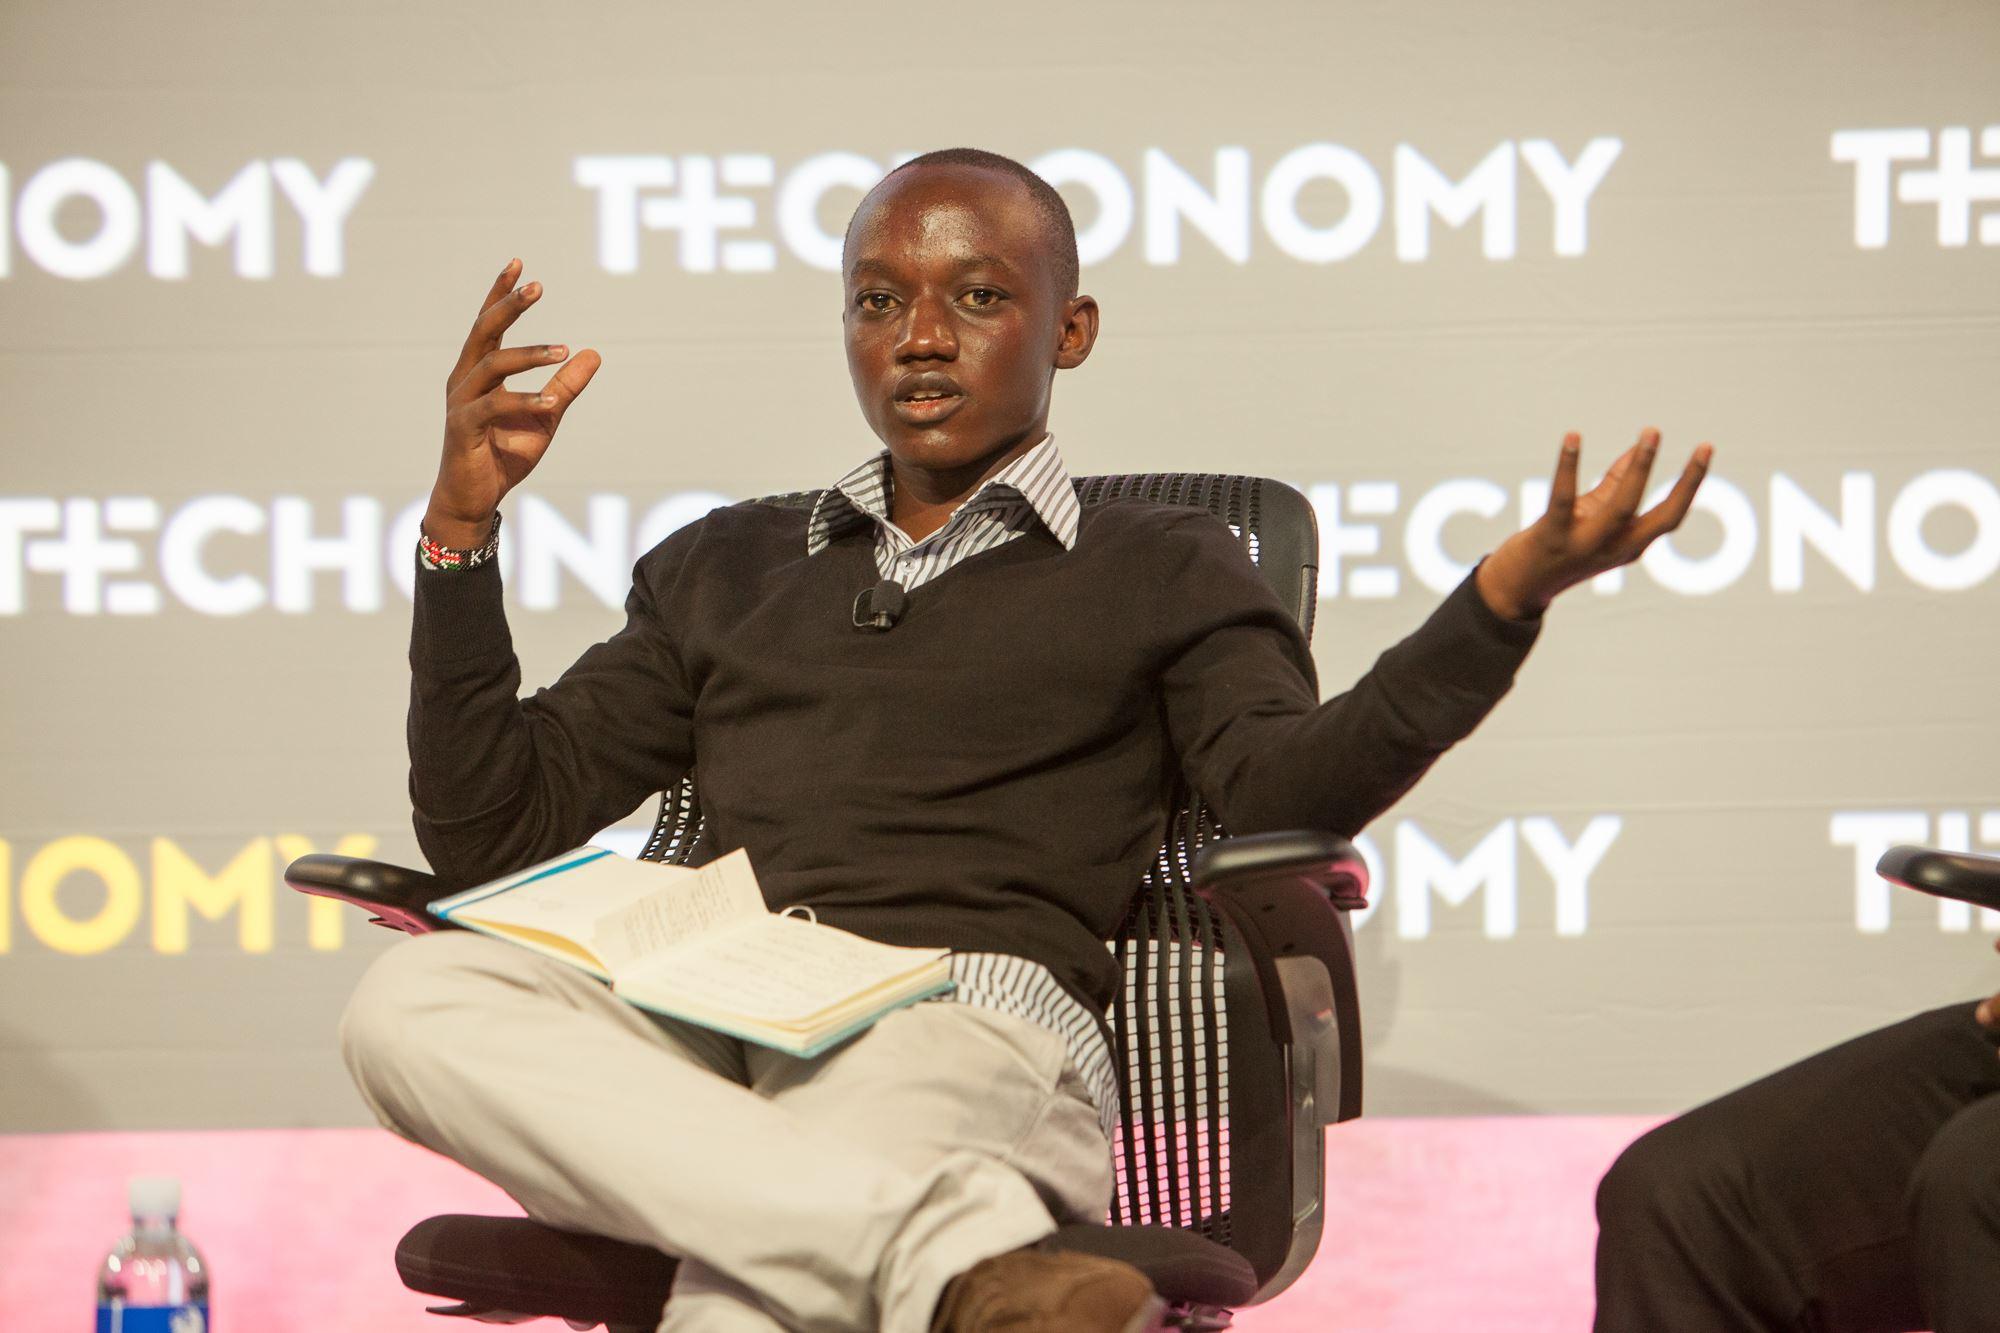 Queniano de 17 anos desenvolveu sistema que gera energia utilizando cocô 1